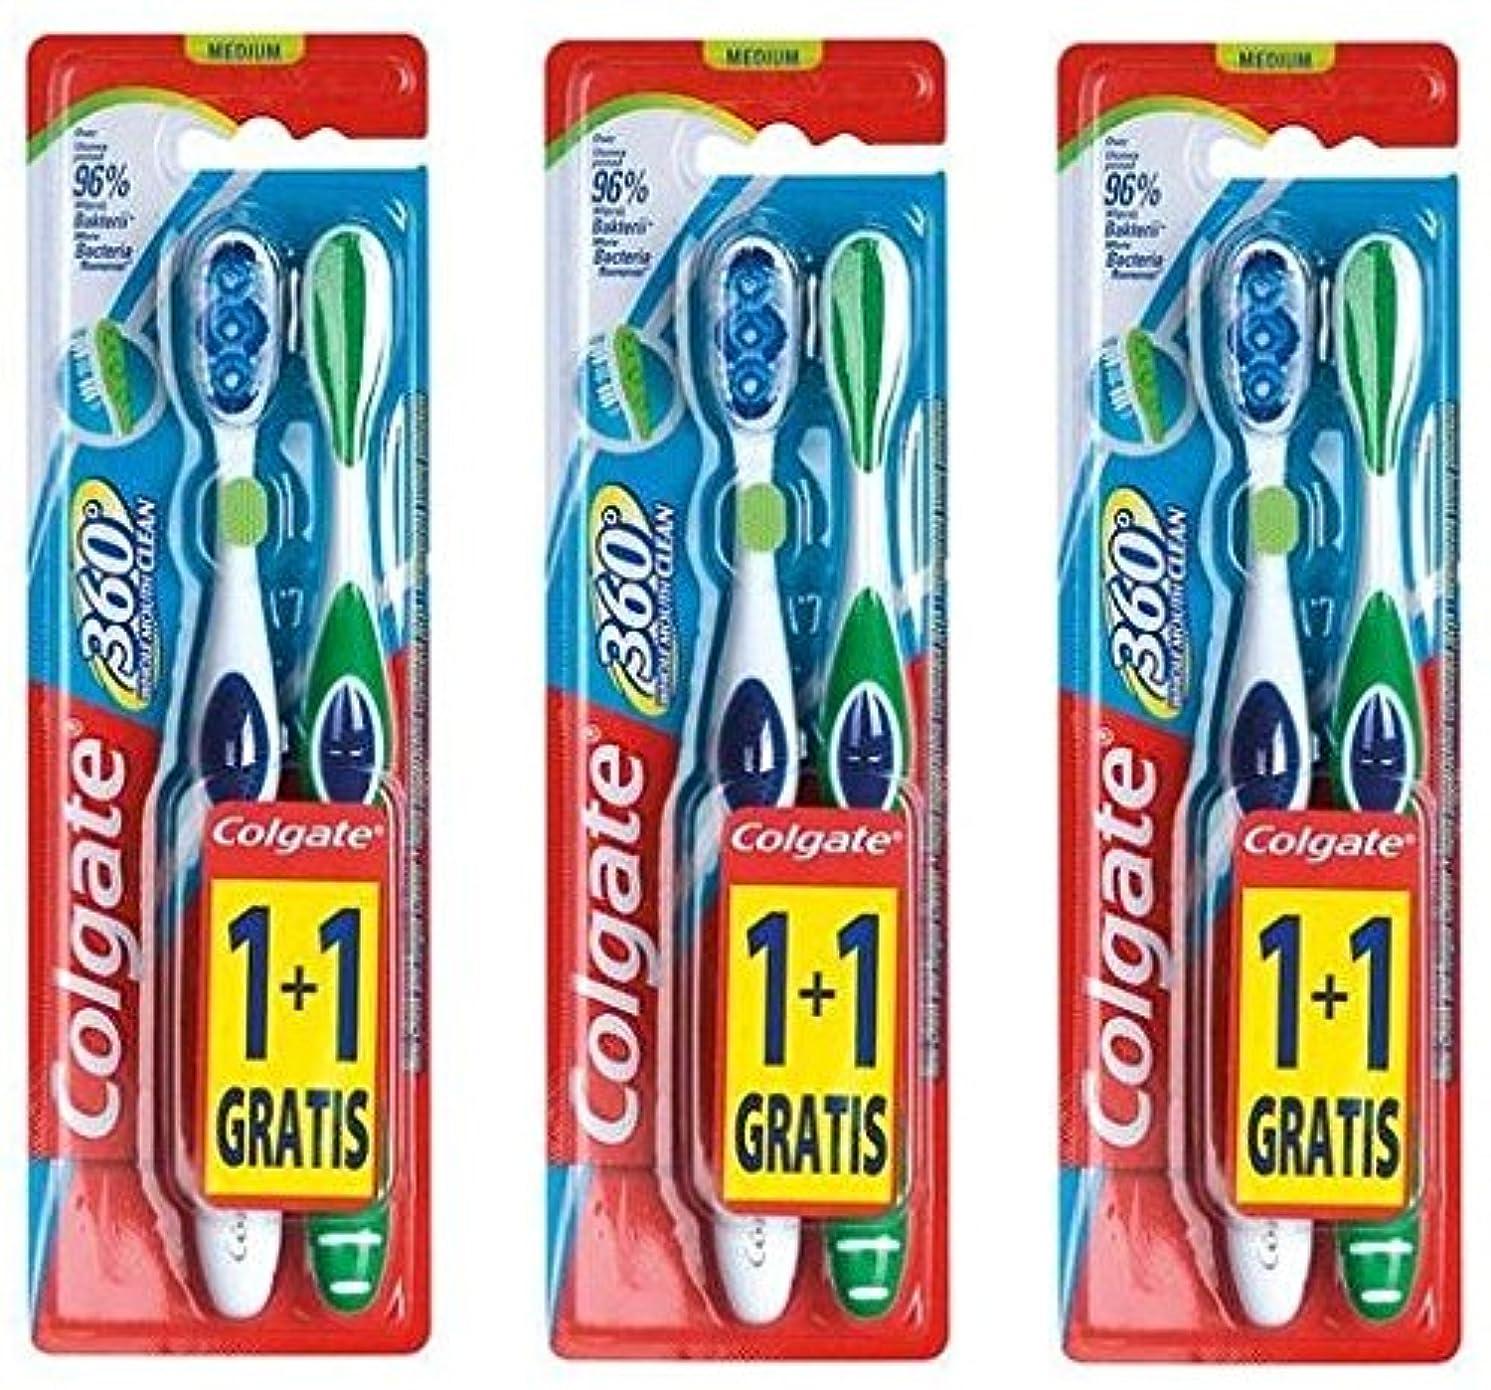 サーバのためにわざわざColgate 360 Whole Mouth Clean コルゲート 歯ブラシ 6個 (2 x 3) [並行輸入品]